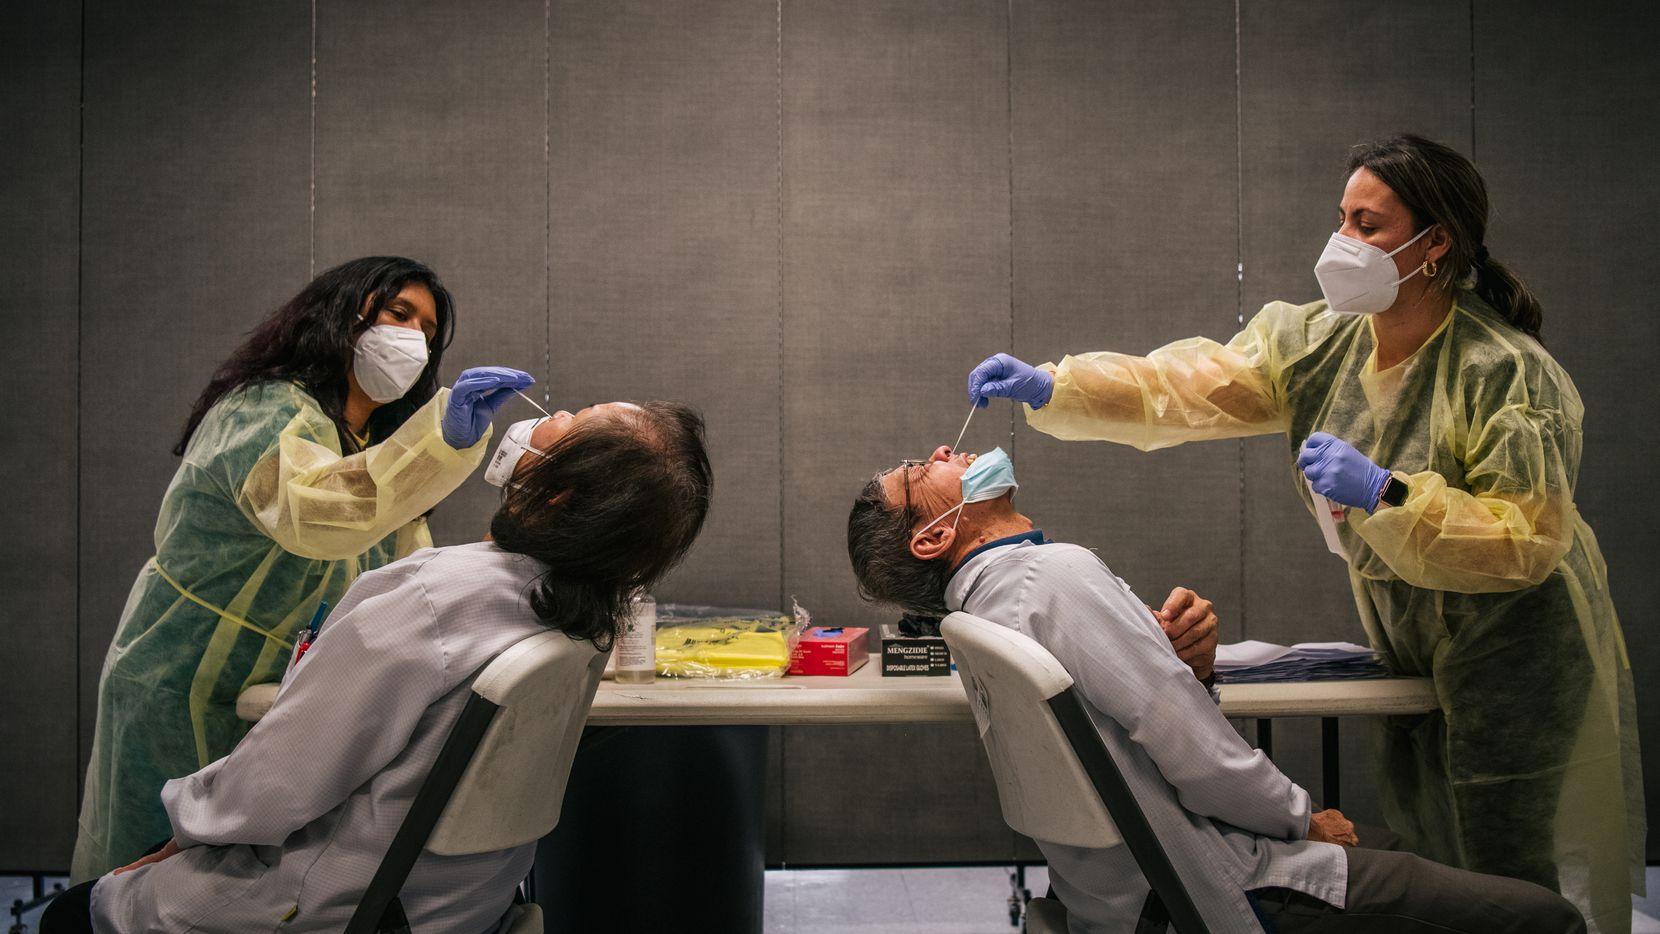 Las asistentes médicos Crystal Leyva (izquierda), y Keitia Perez realizan muestreos para hacer prueba de covid-19 el 13 de agosto de 2021, en Houston, Texas.